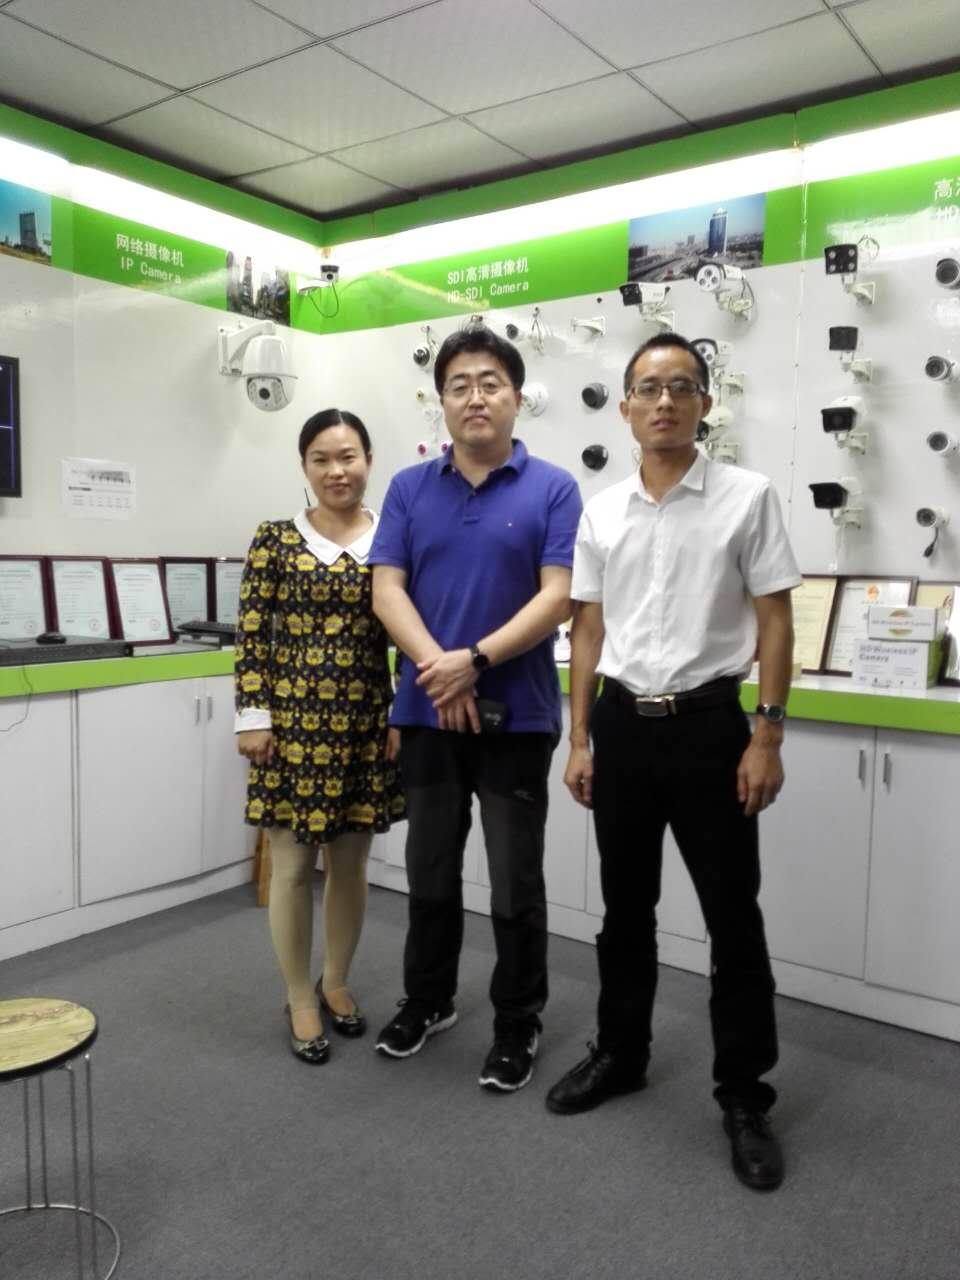 【韩国】无线WIFI摄像机厂家国兴达与韩国JONE合作愉快